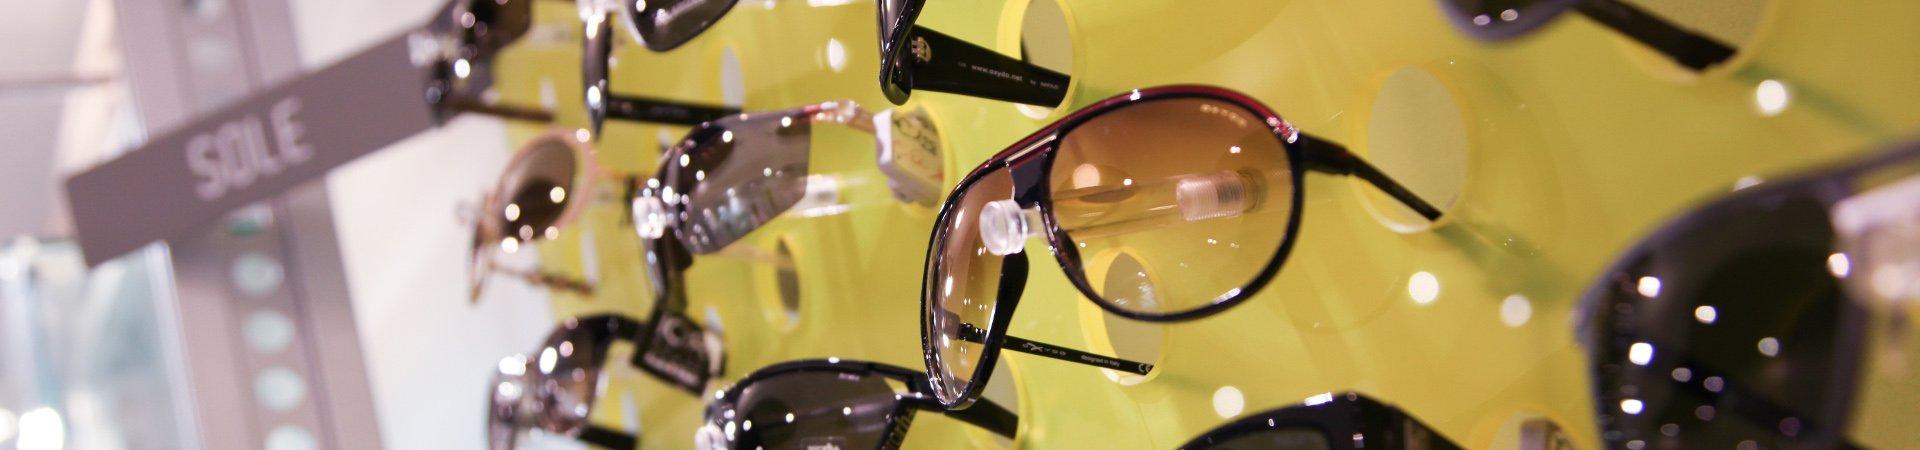 scaffali dei negozi con gli occhiali da sole